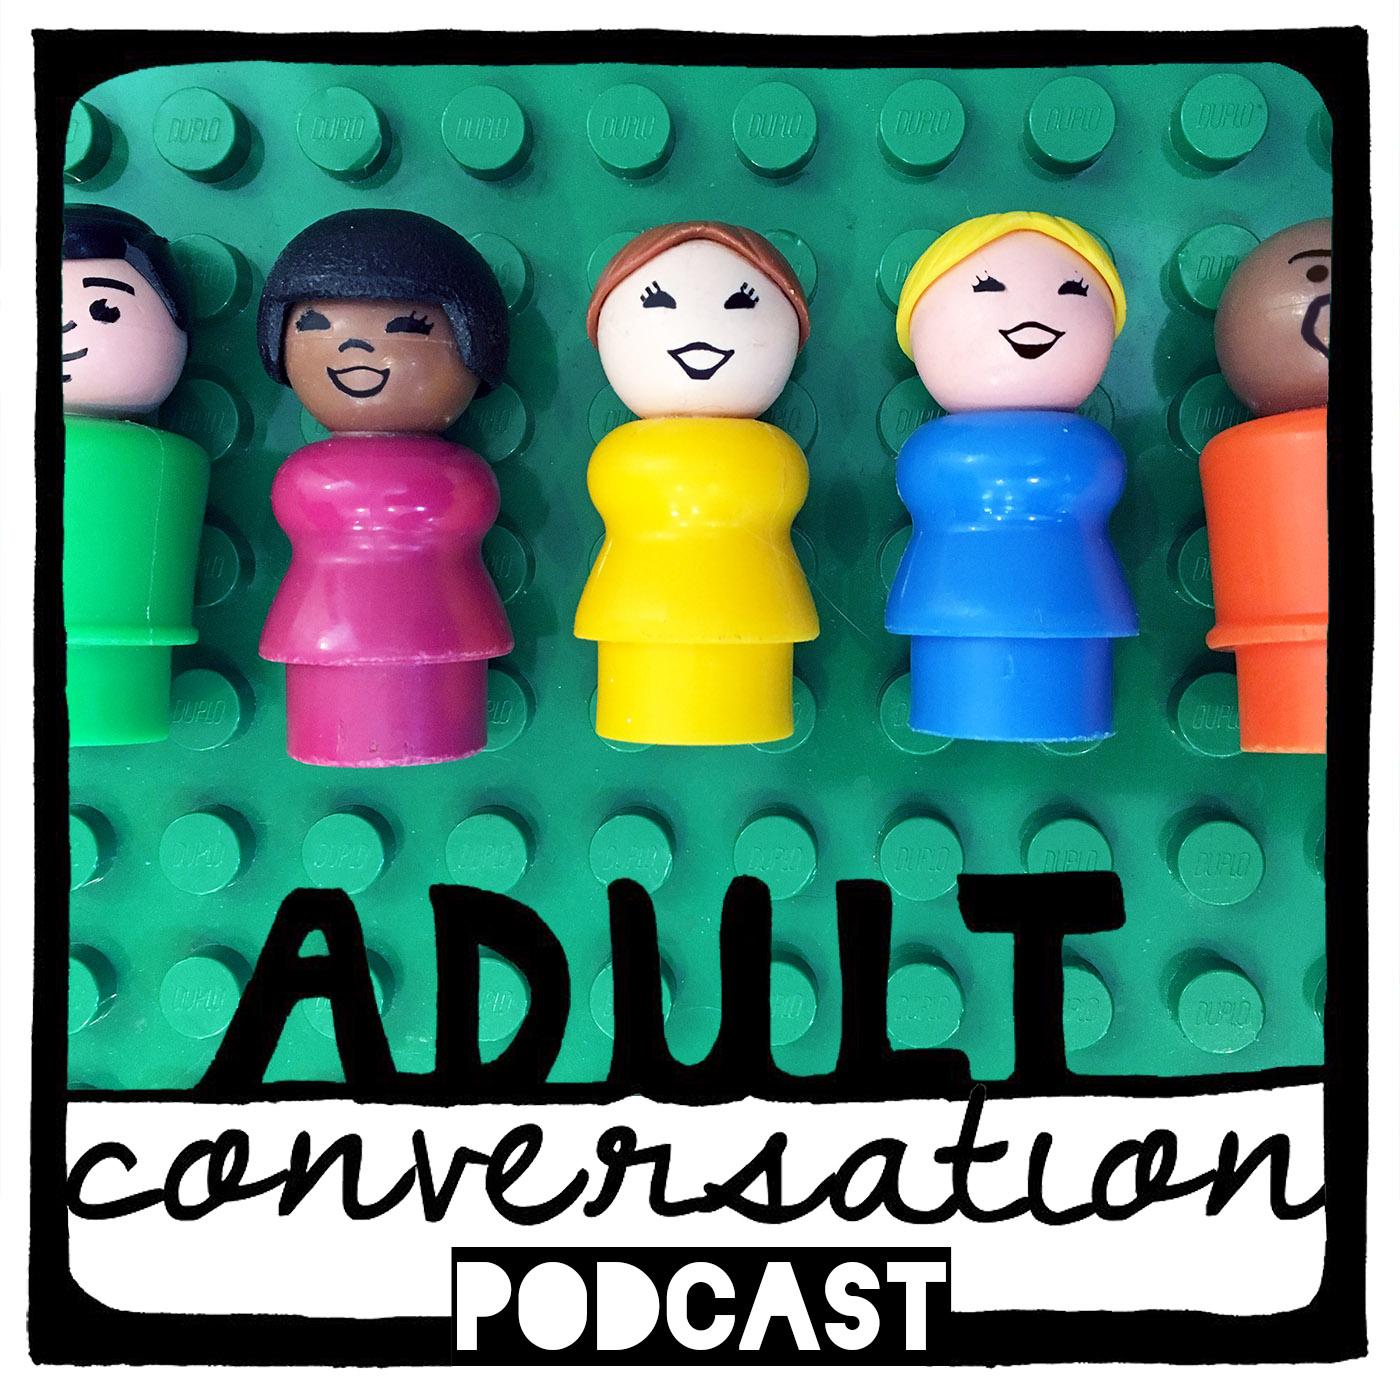 Adult Conversation Parenting Podcast show art